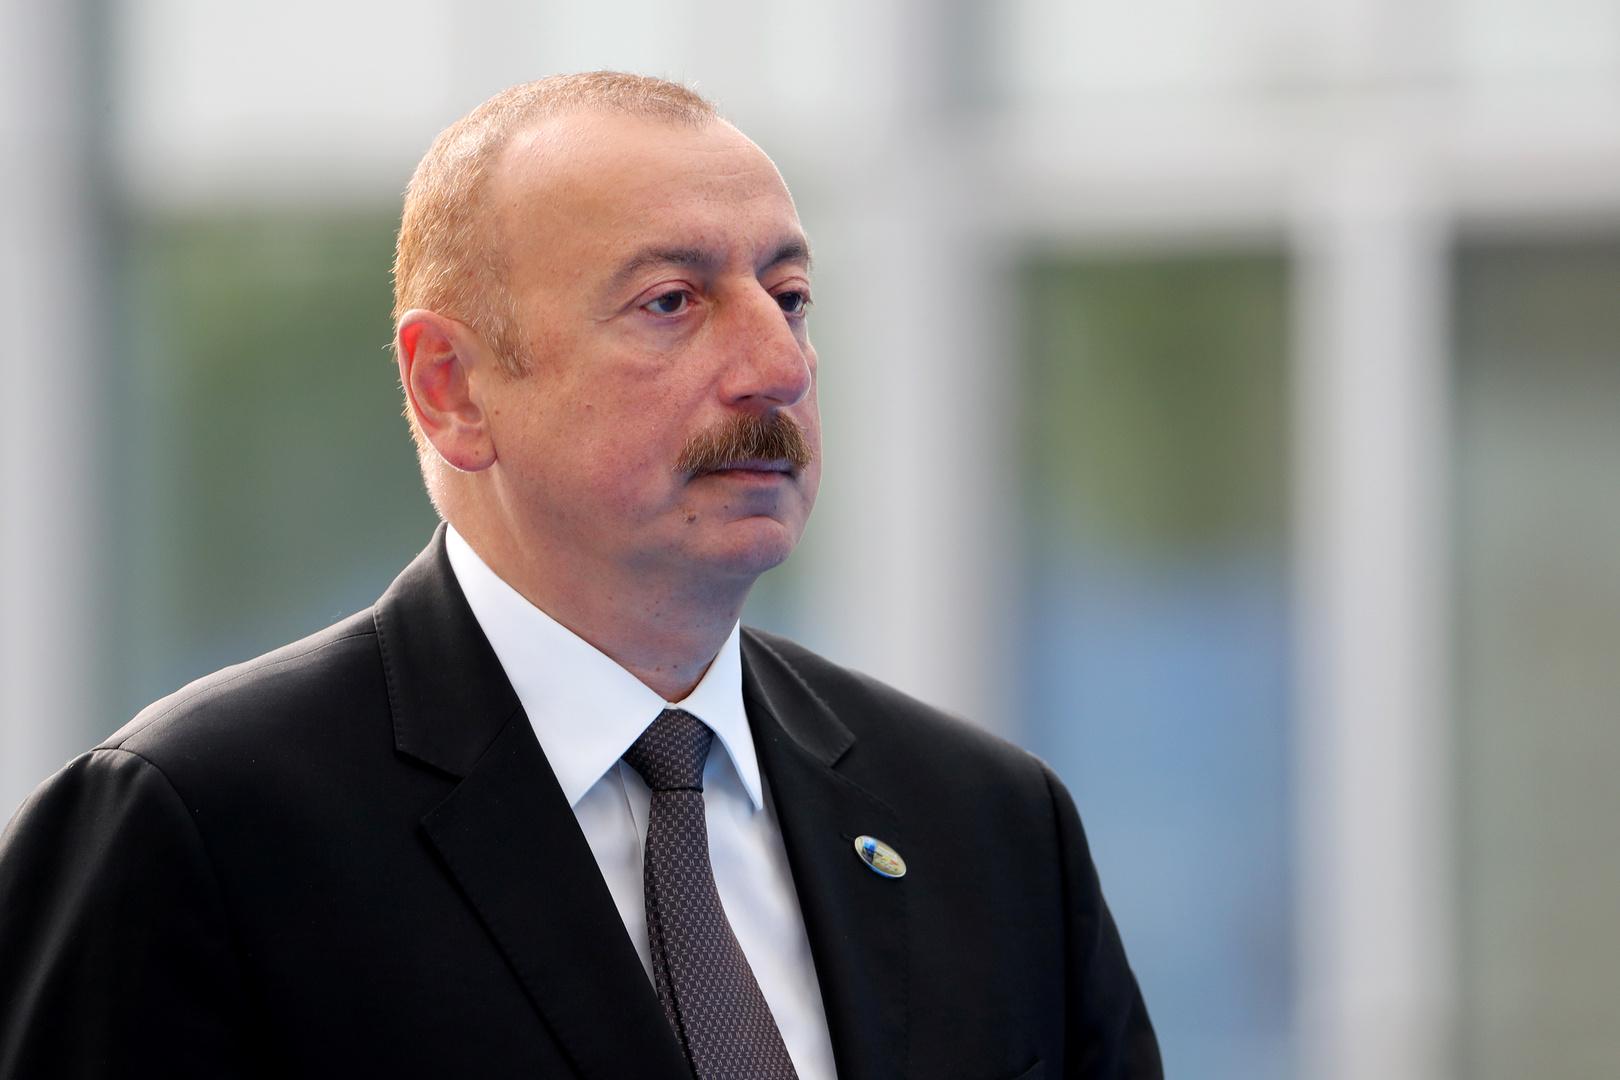 رئيس أذربيجان: أرمينيا غير جاهزة لتوقيع اتفاق سلام معنا وهو